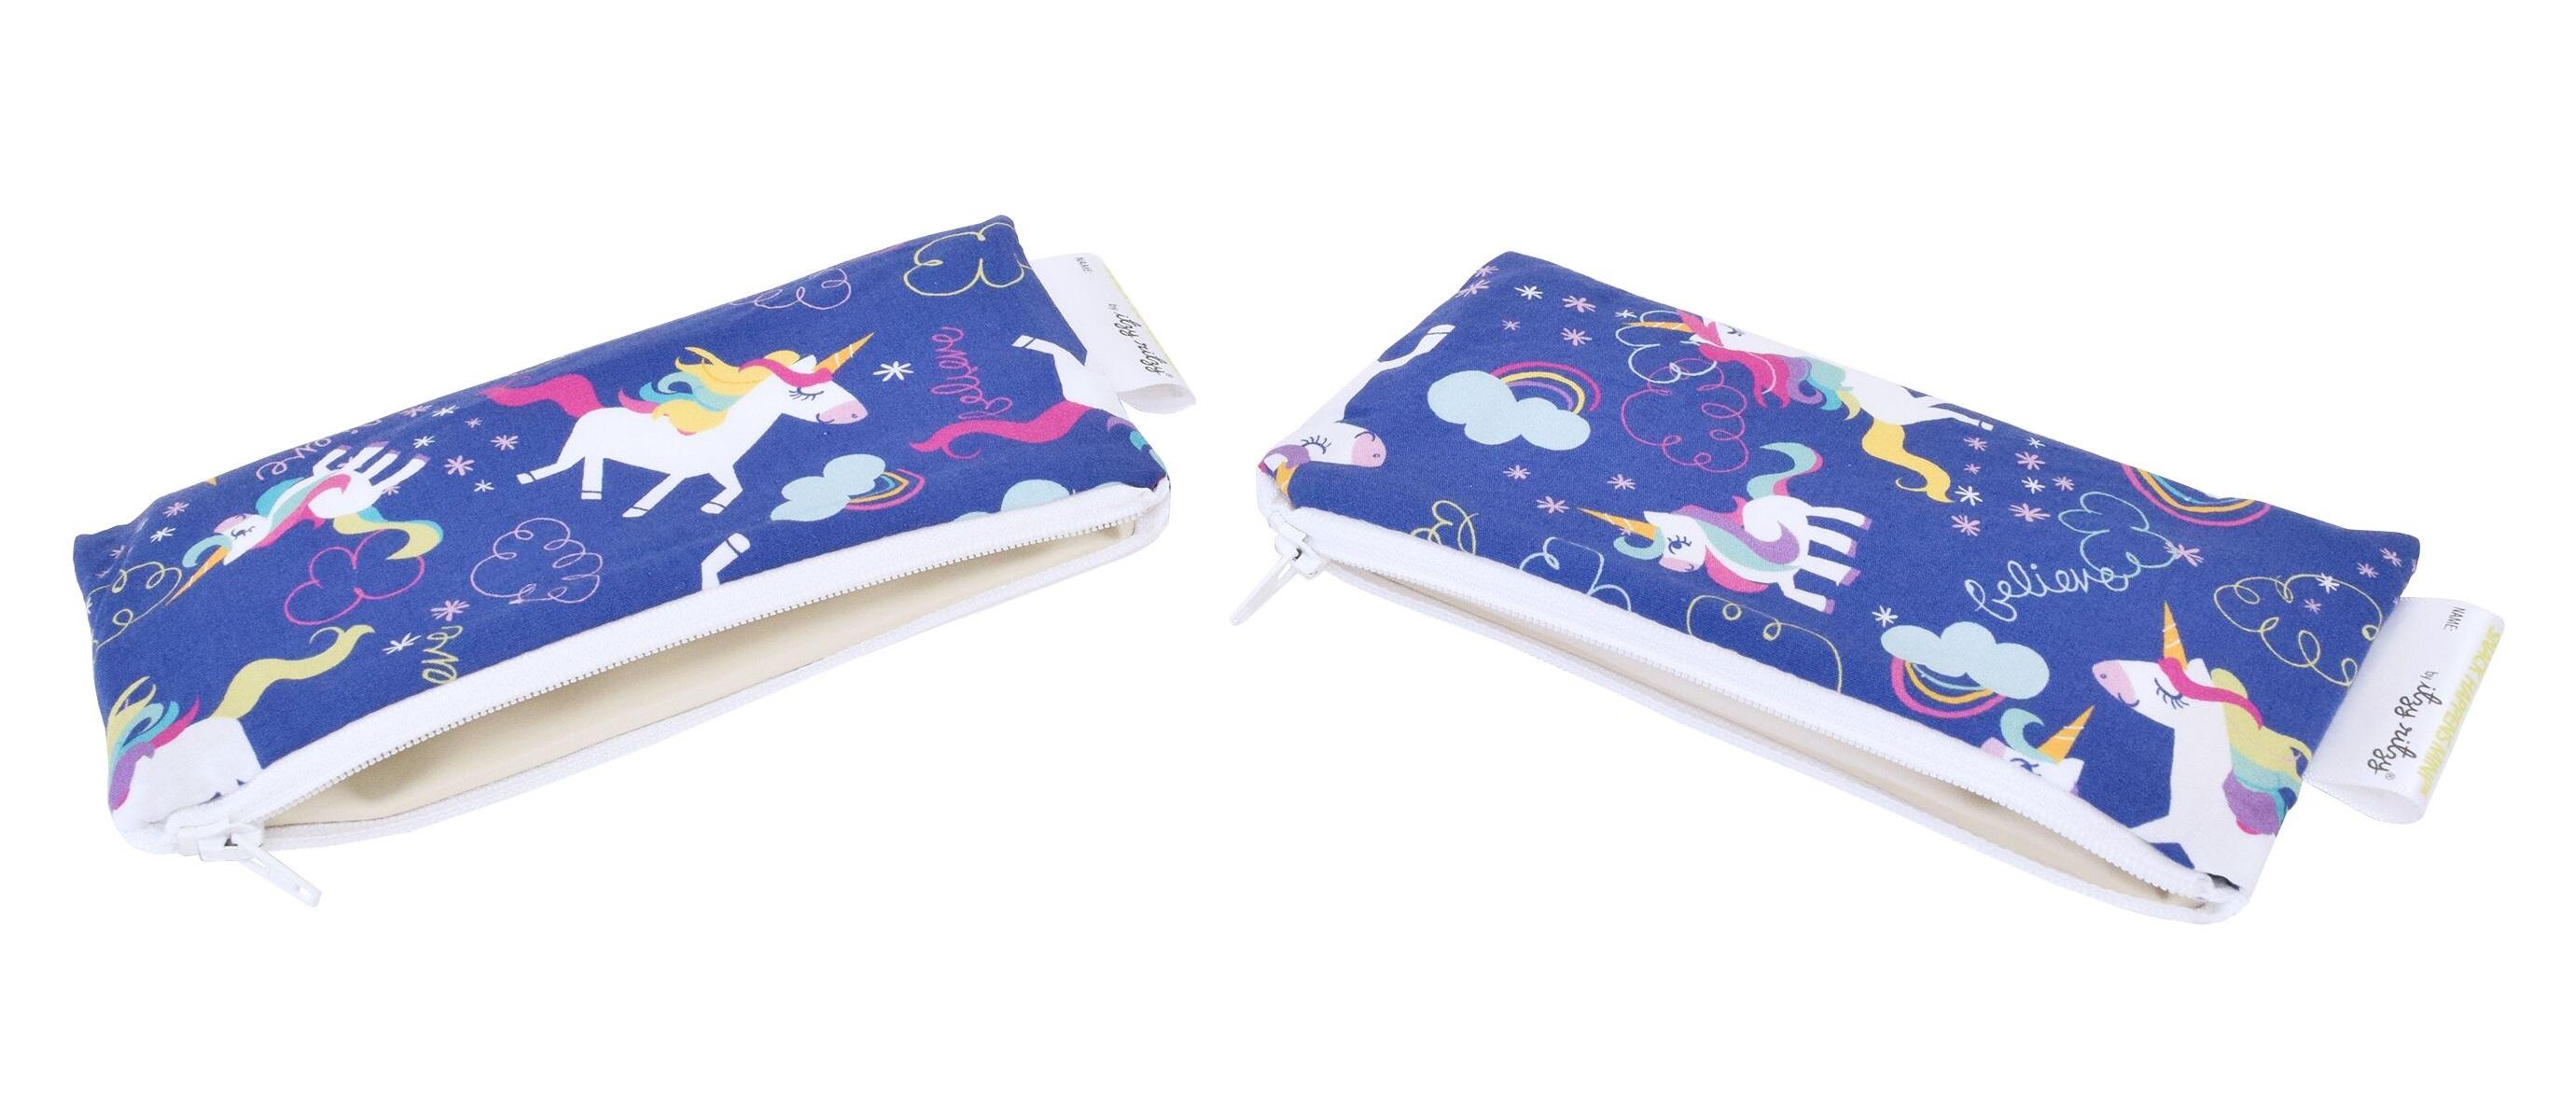 itzy-ritzy-snack-happens-mini-unicorn-dreams